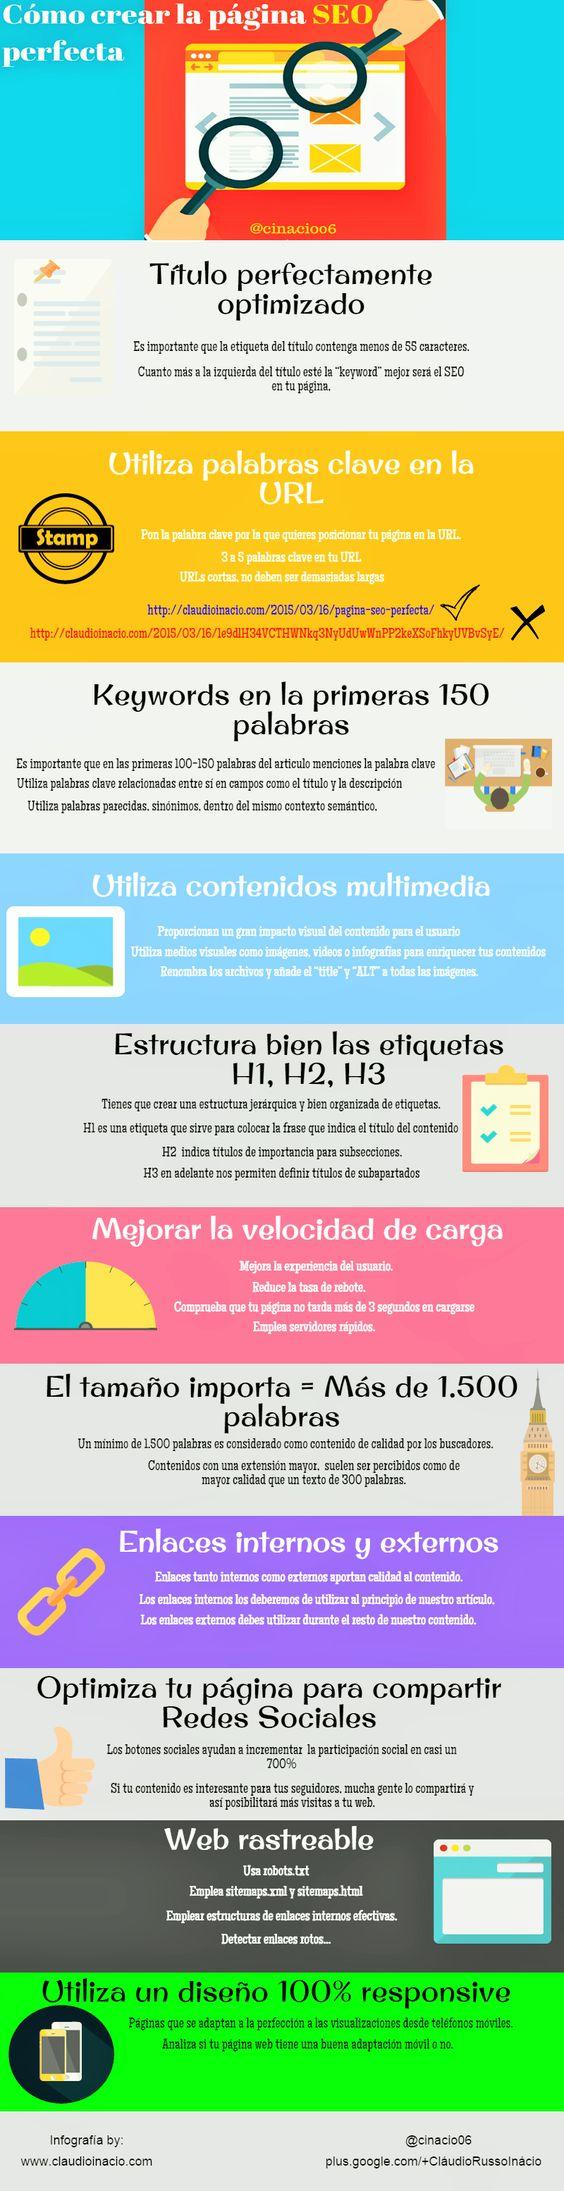 Cómo crear la web SEO perfecta #infografia #infographic #seo